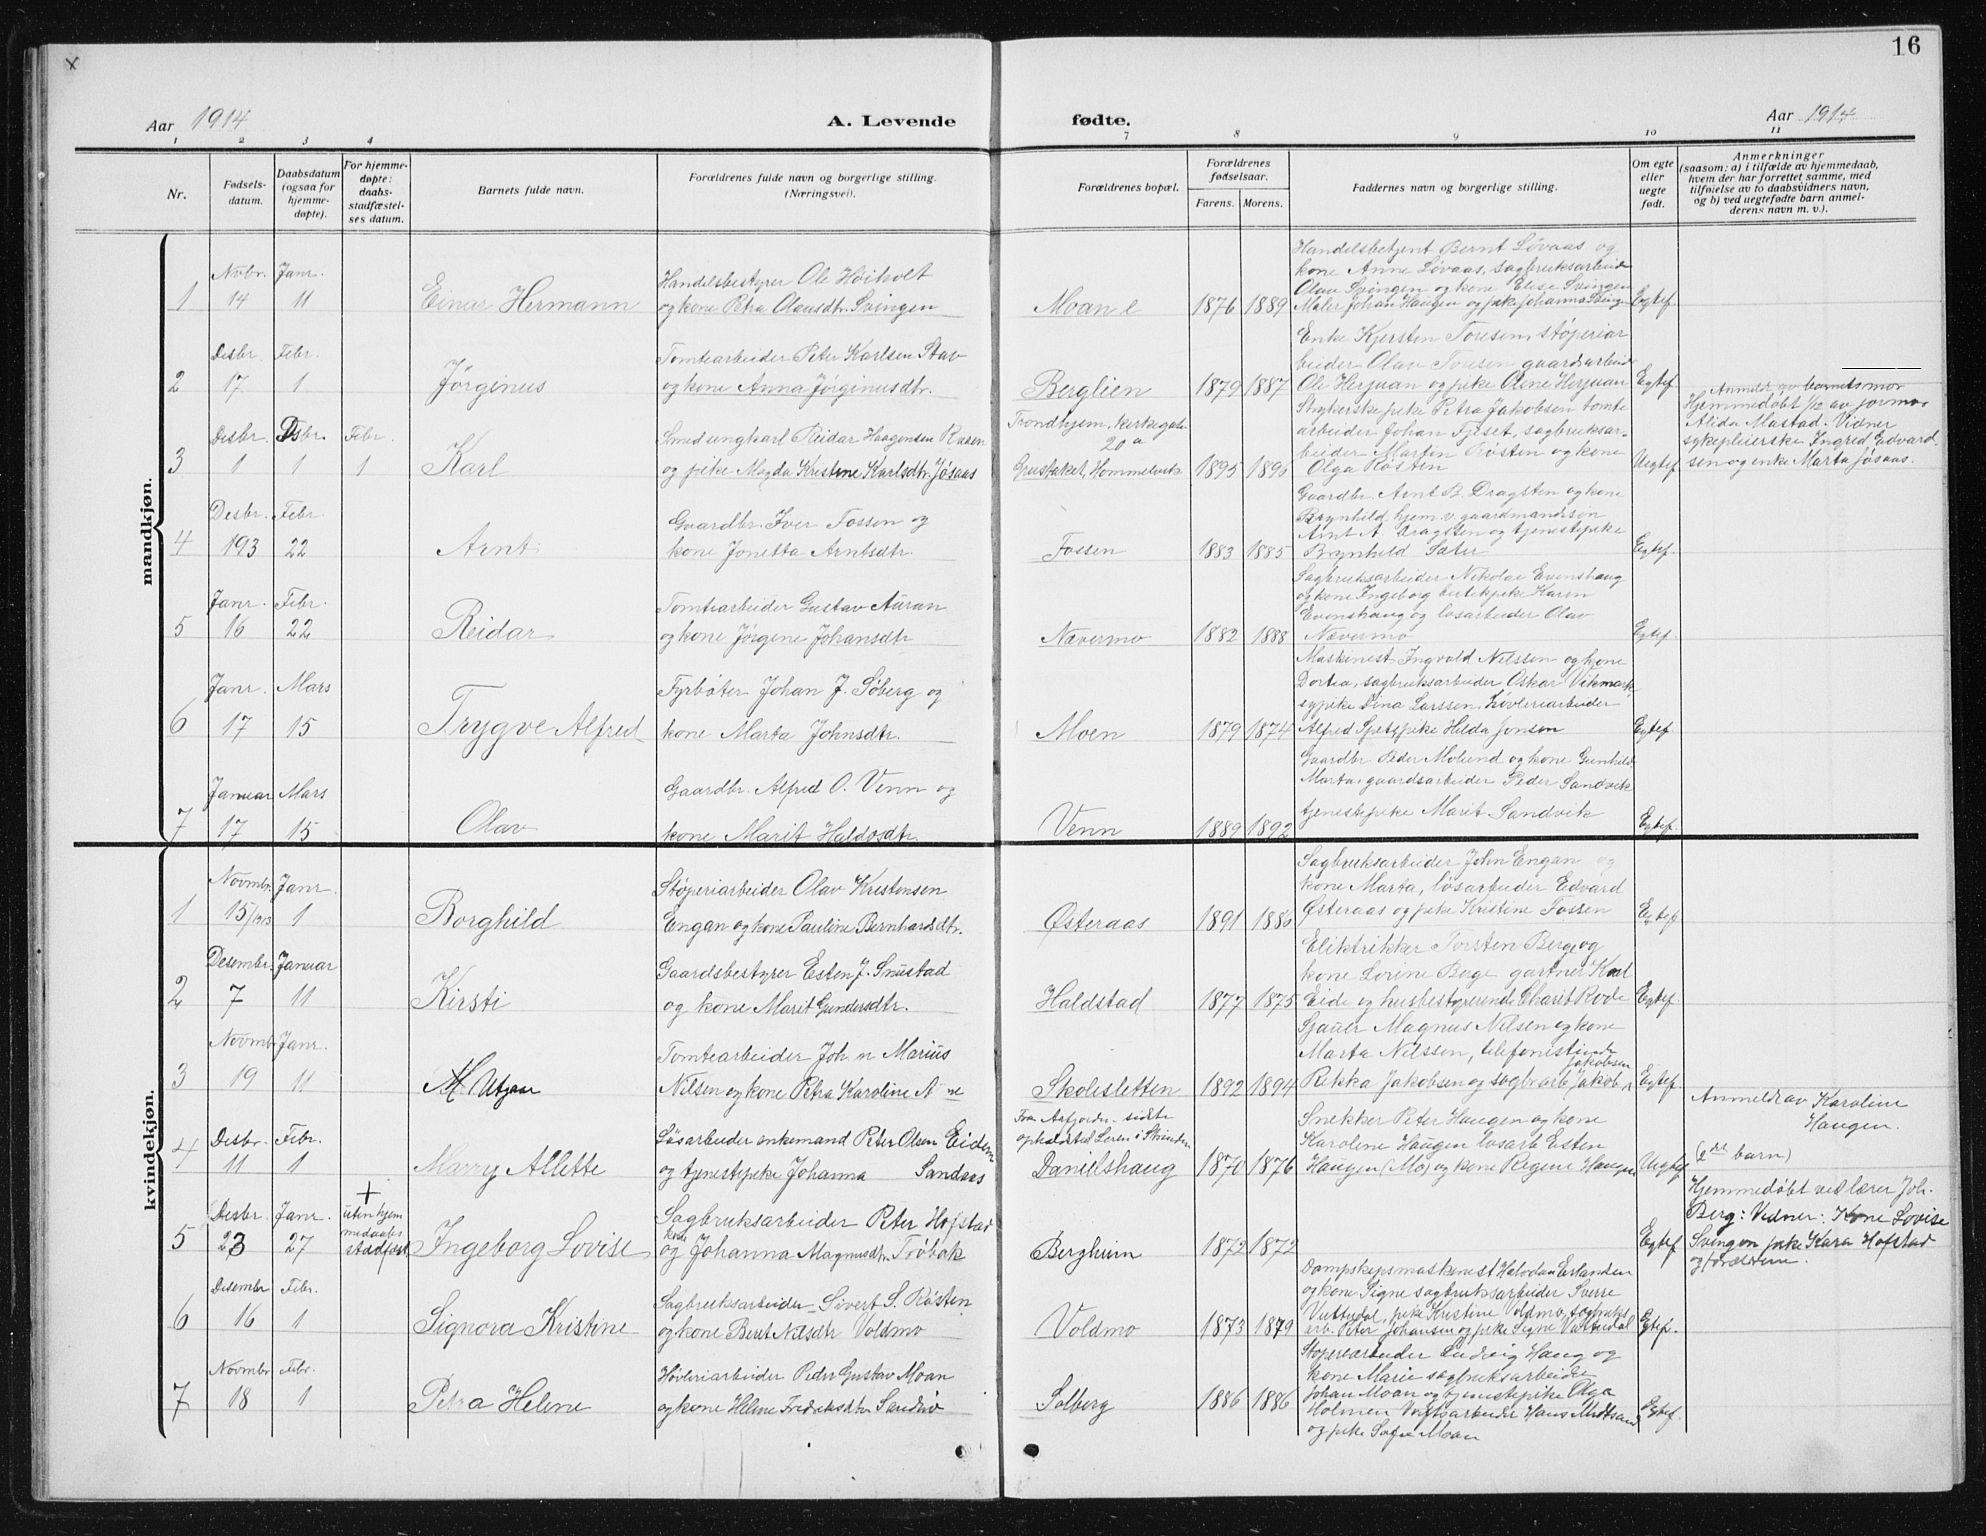 SAT, Ministerialprotokoller, klokkerbøker og fødselsregistre - Sør-Trøndelag, 617/L0431: Klokkerbok nr. 617C02, 1910-1936, s. 16